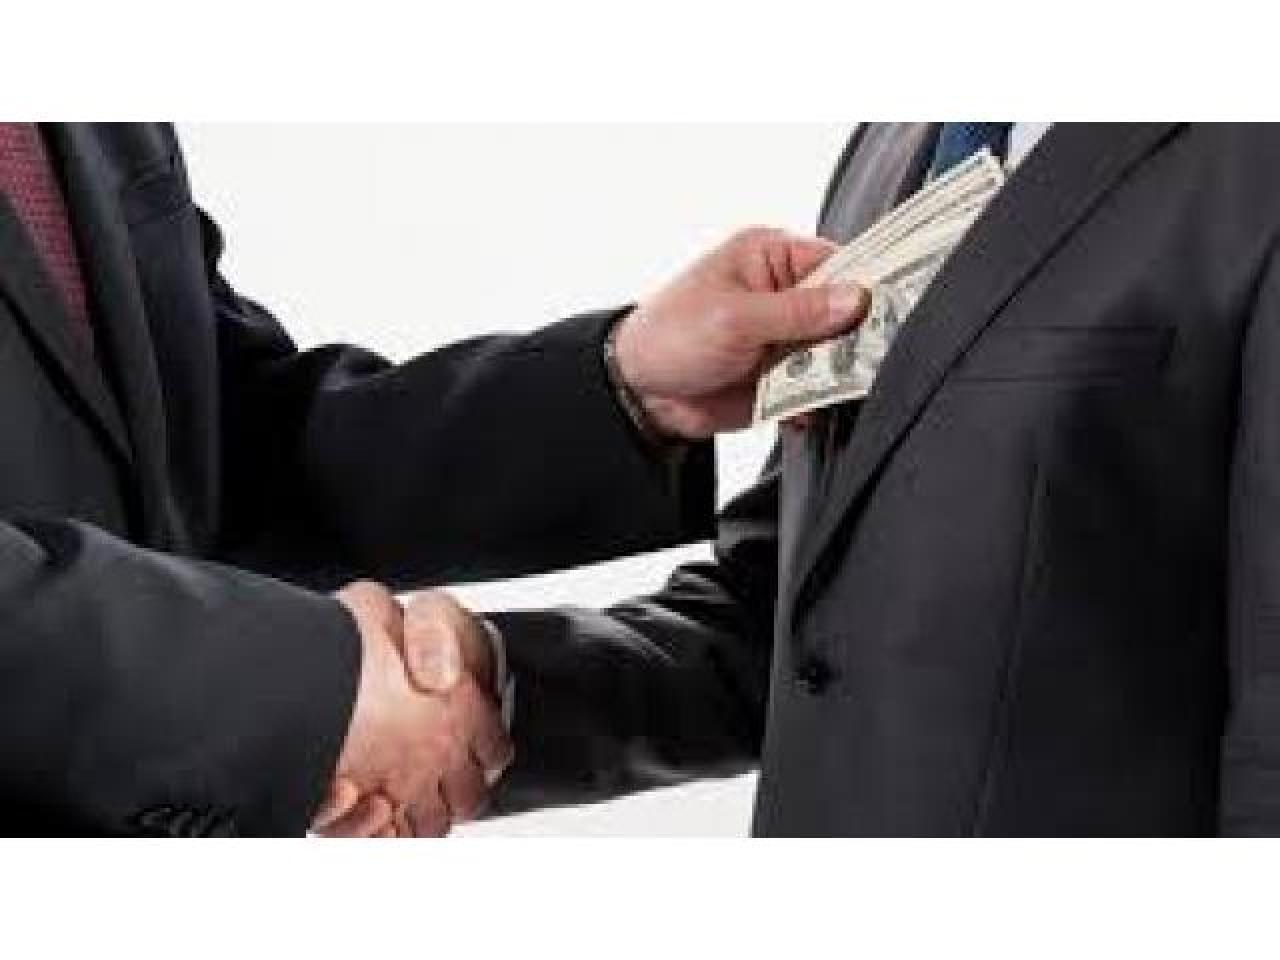 Проверка компаний, партнера по бизнесу, контрагента в ЮАР. - 3